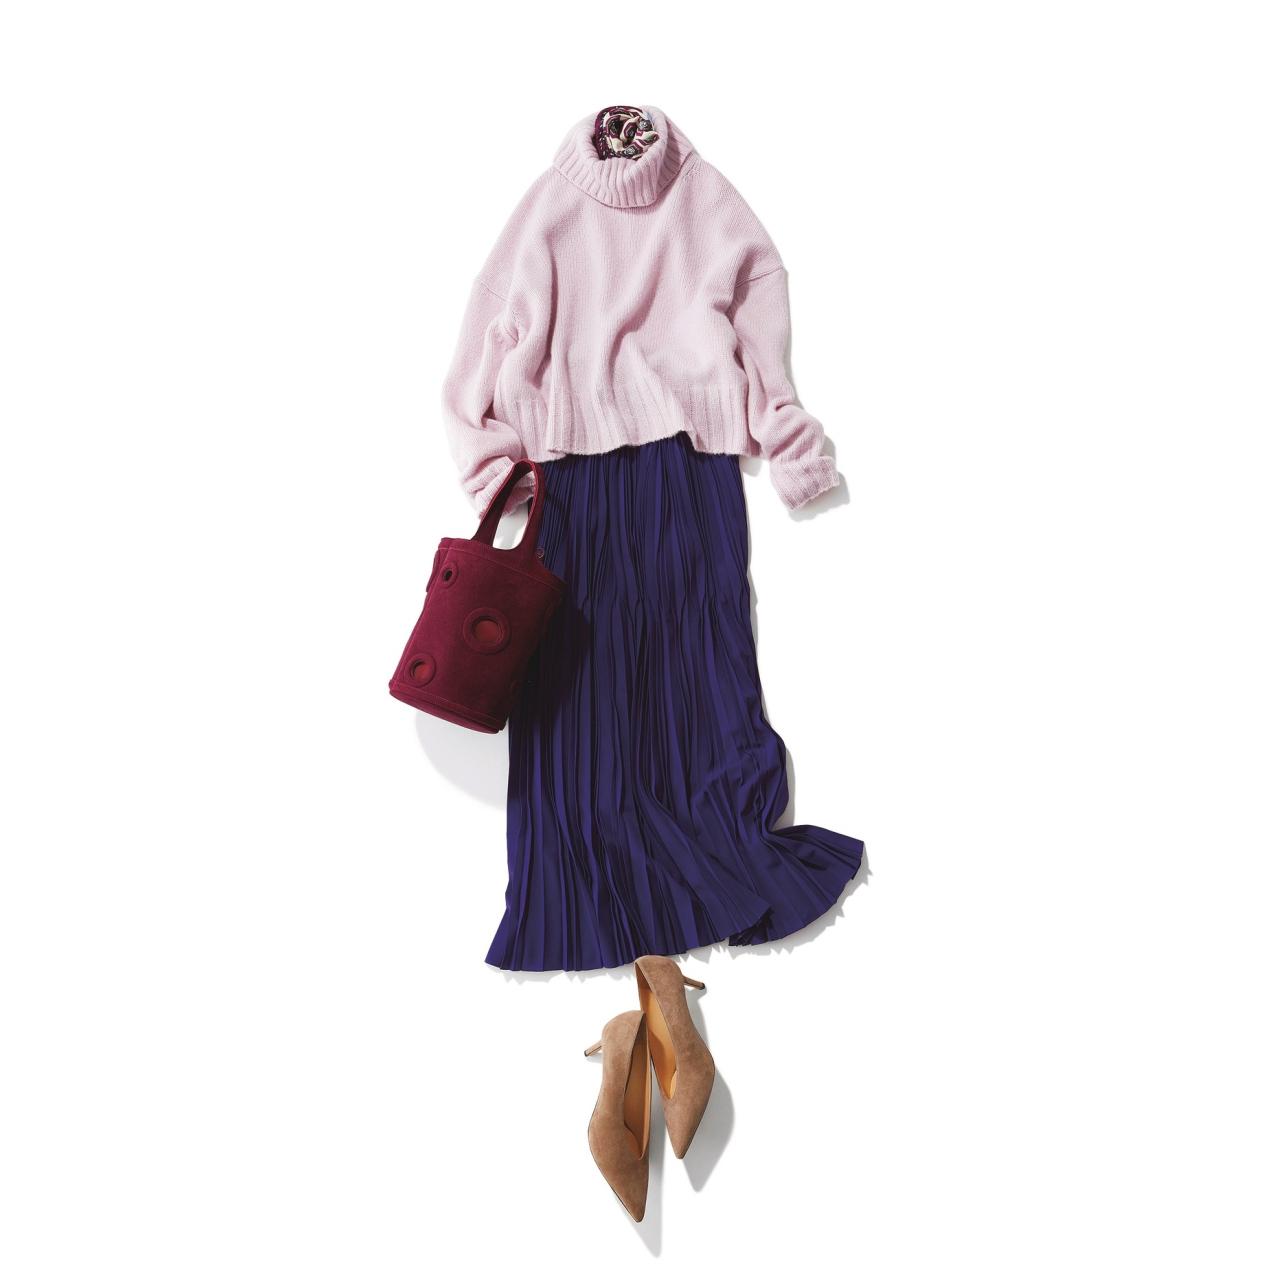 パープルニット×パープルのプリーツスカートのファッションコーデ